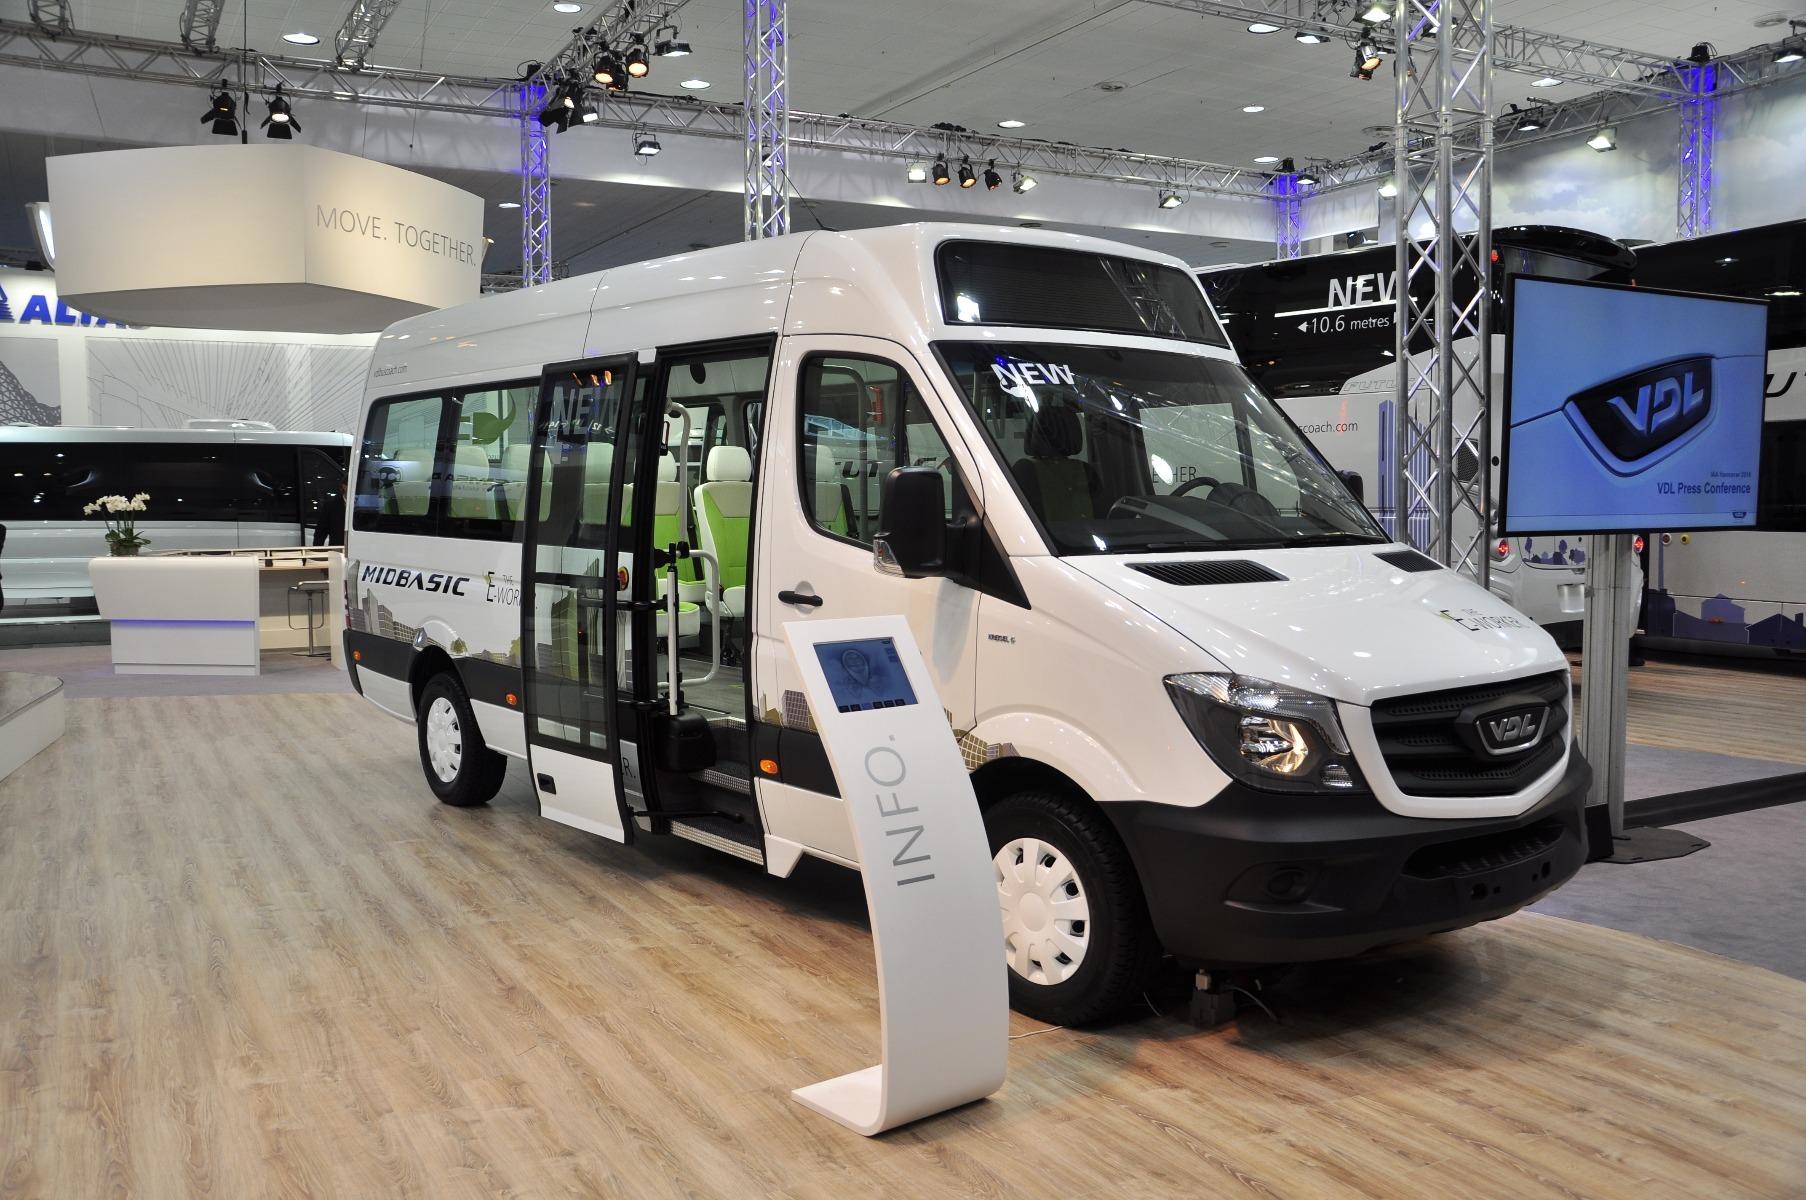 A 8 1 üléses VDL MidBasic Electric elektromos midibusz hatótávolsága az akkumulátorcsomagtól függően 200-300 kilométer